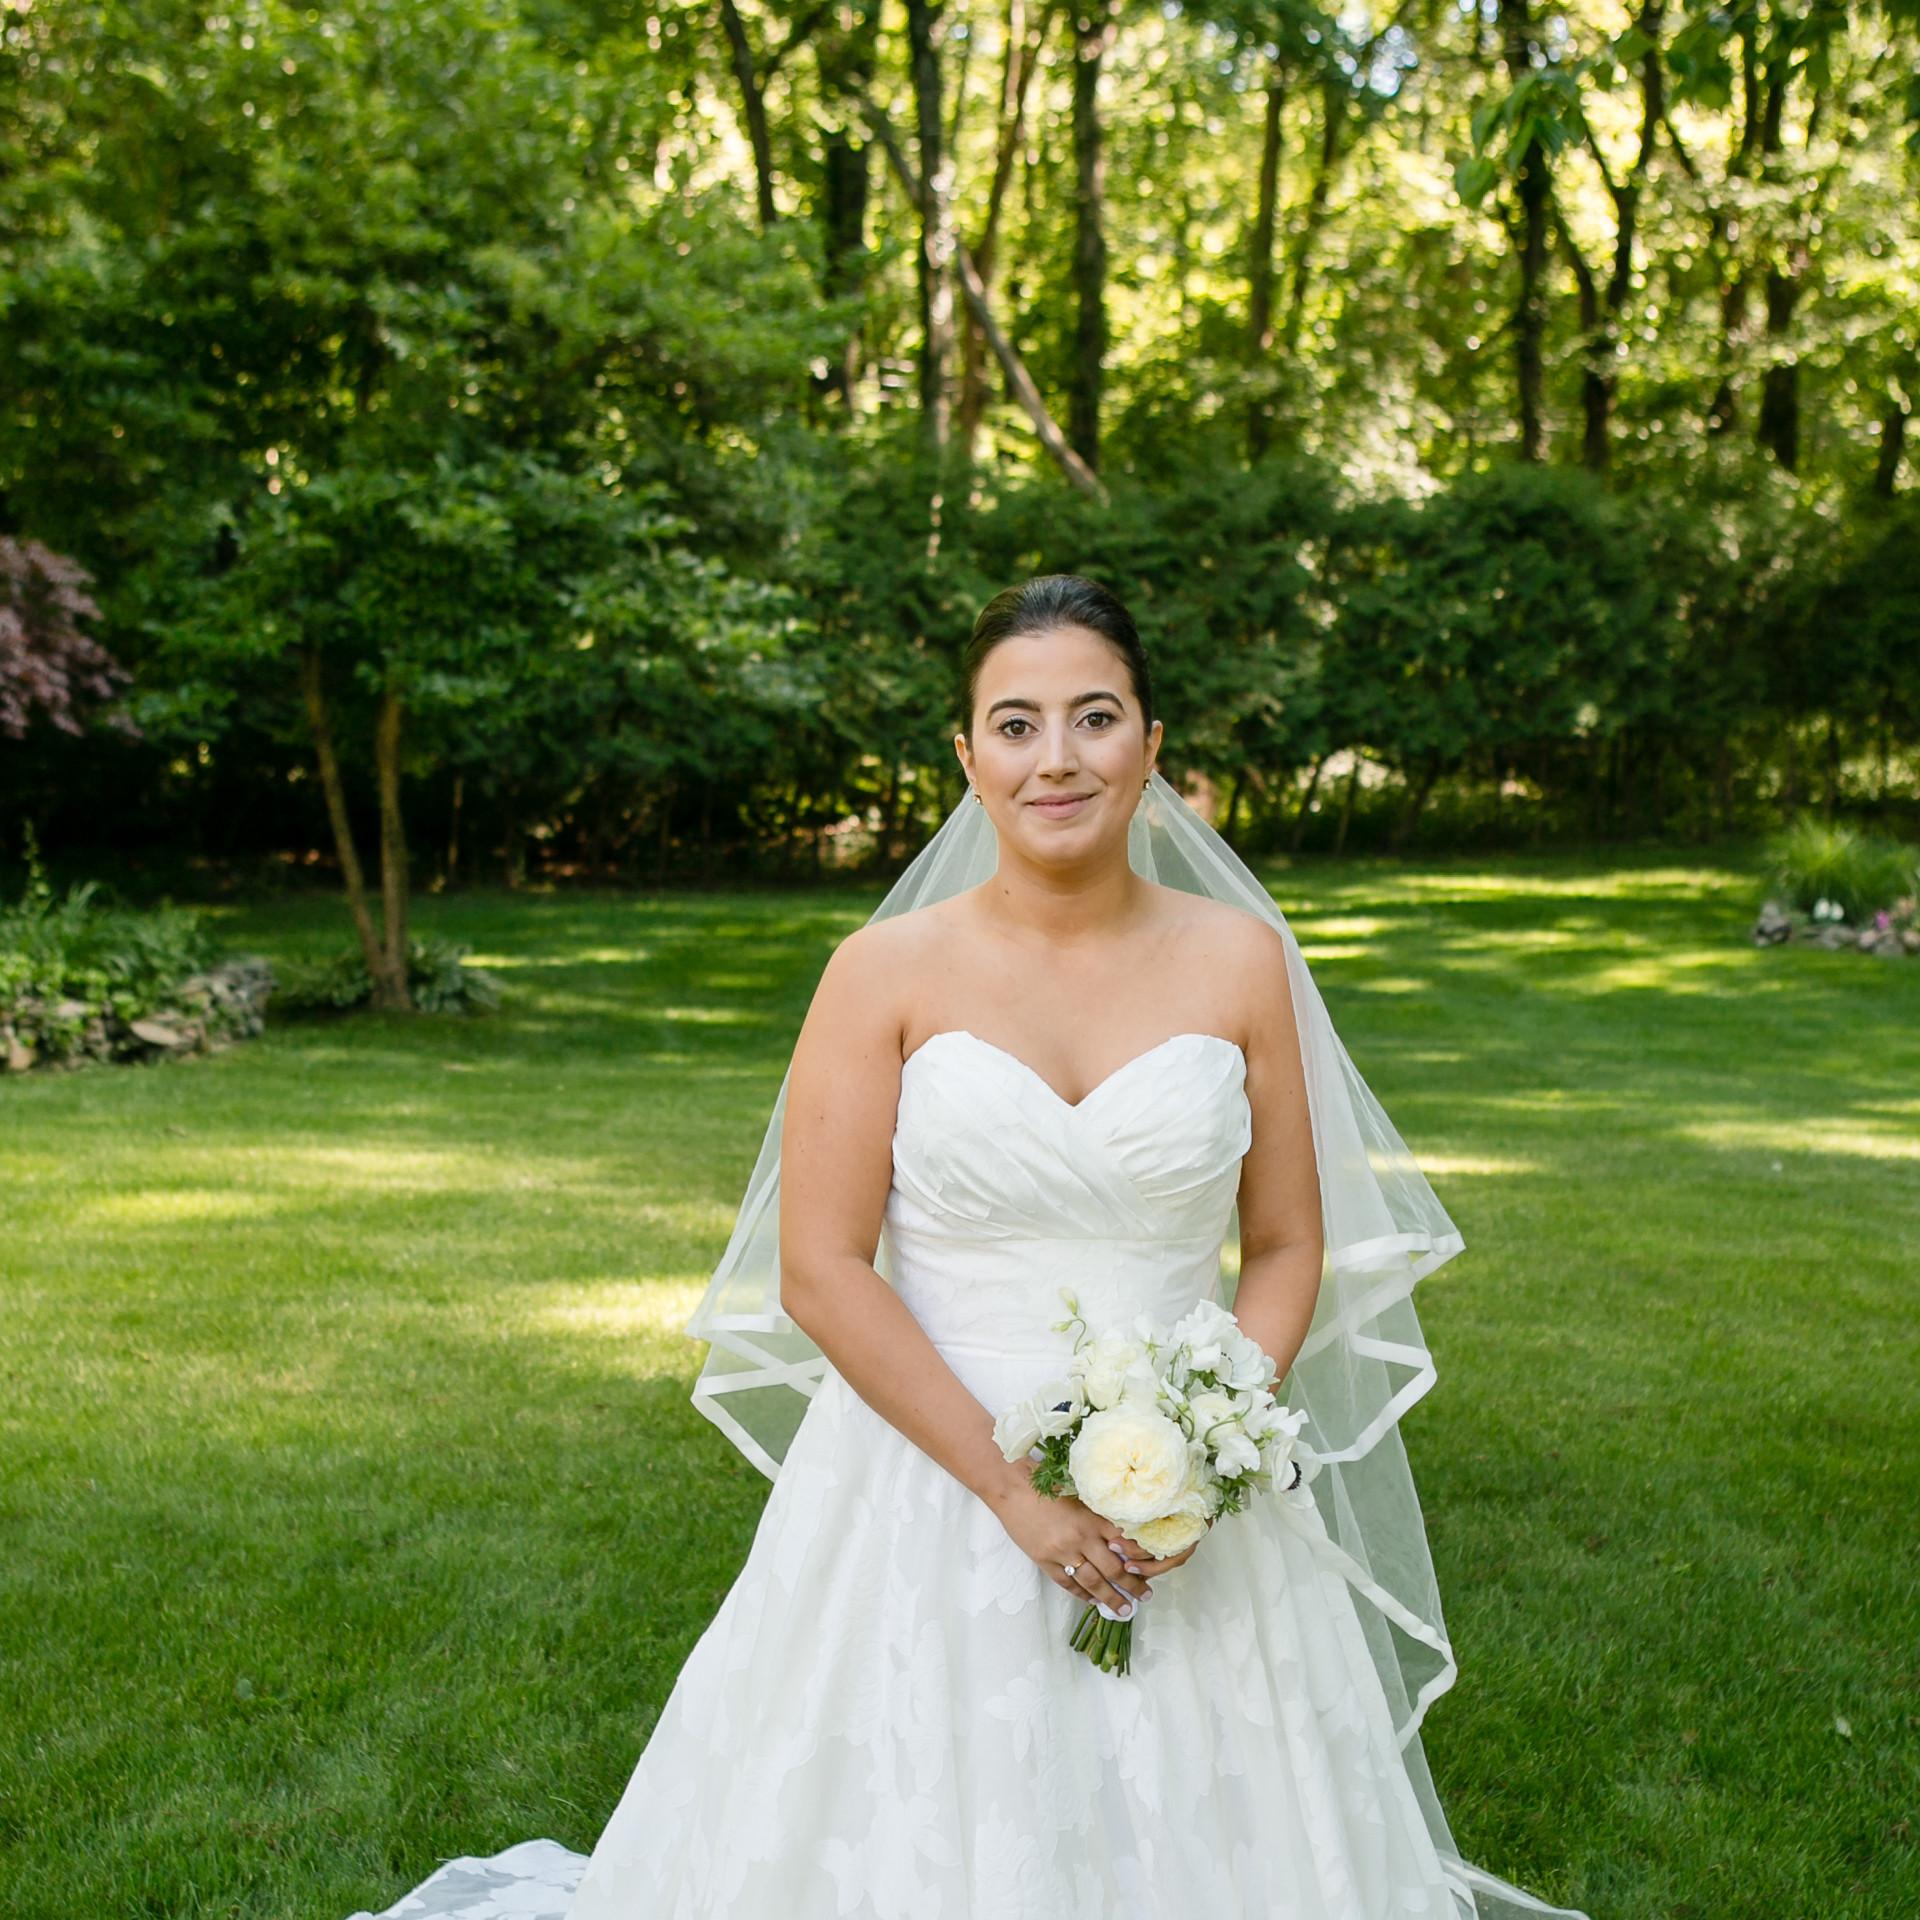 0143_Claudine_and_Eugenio's_Wedding_phot